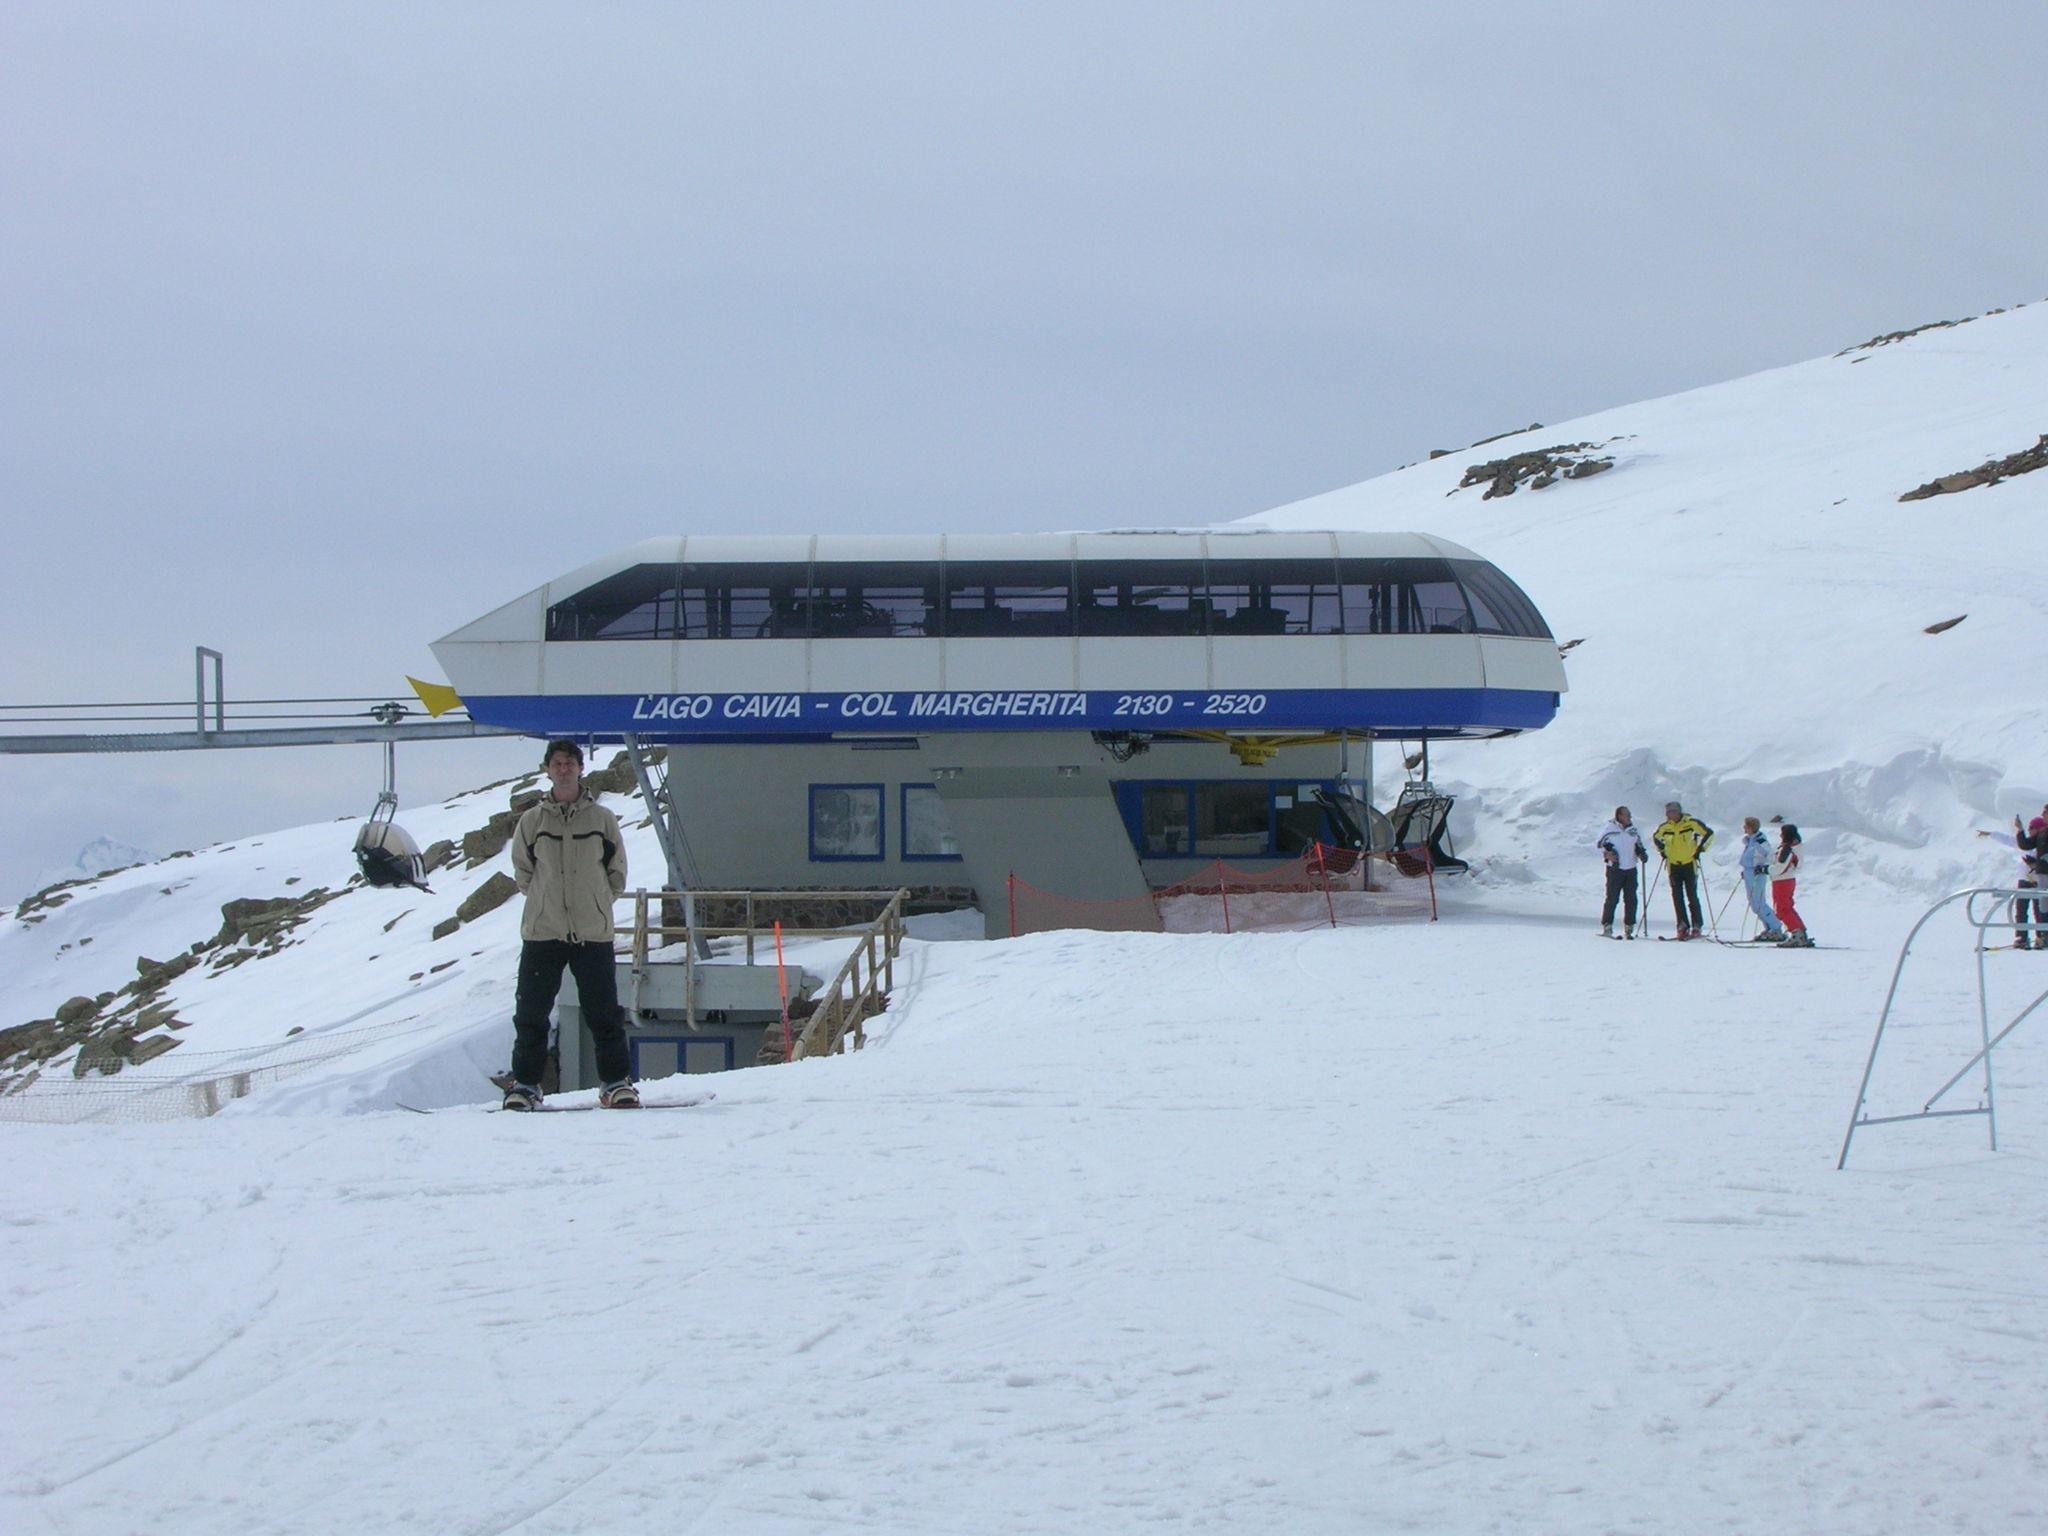 Fotogallery Falcade - Ski Area San Pellegrino